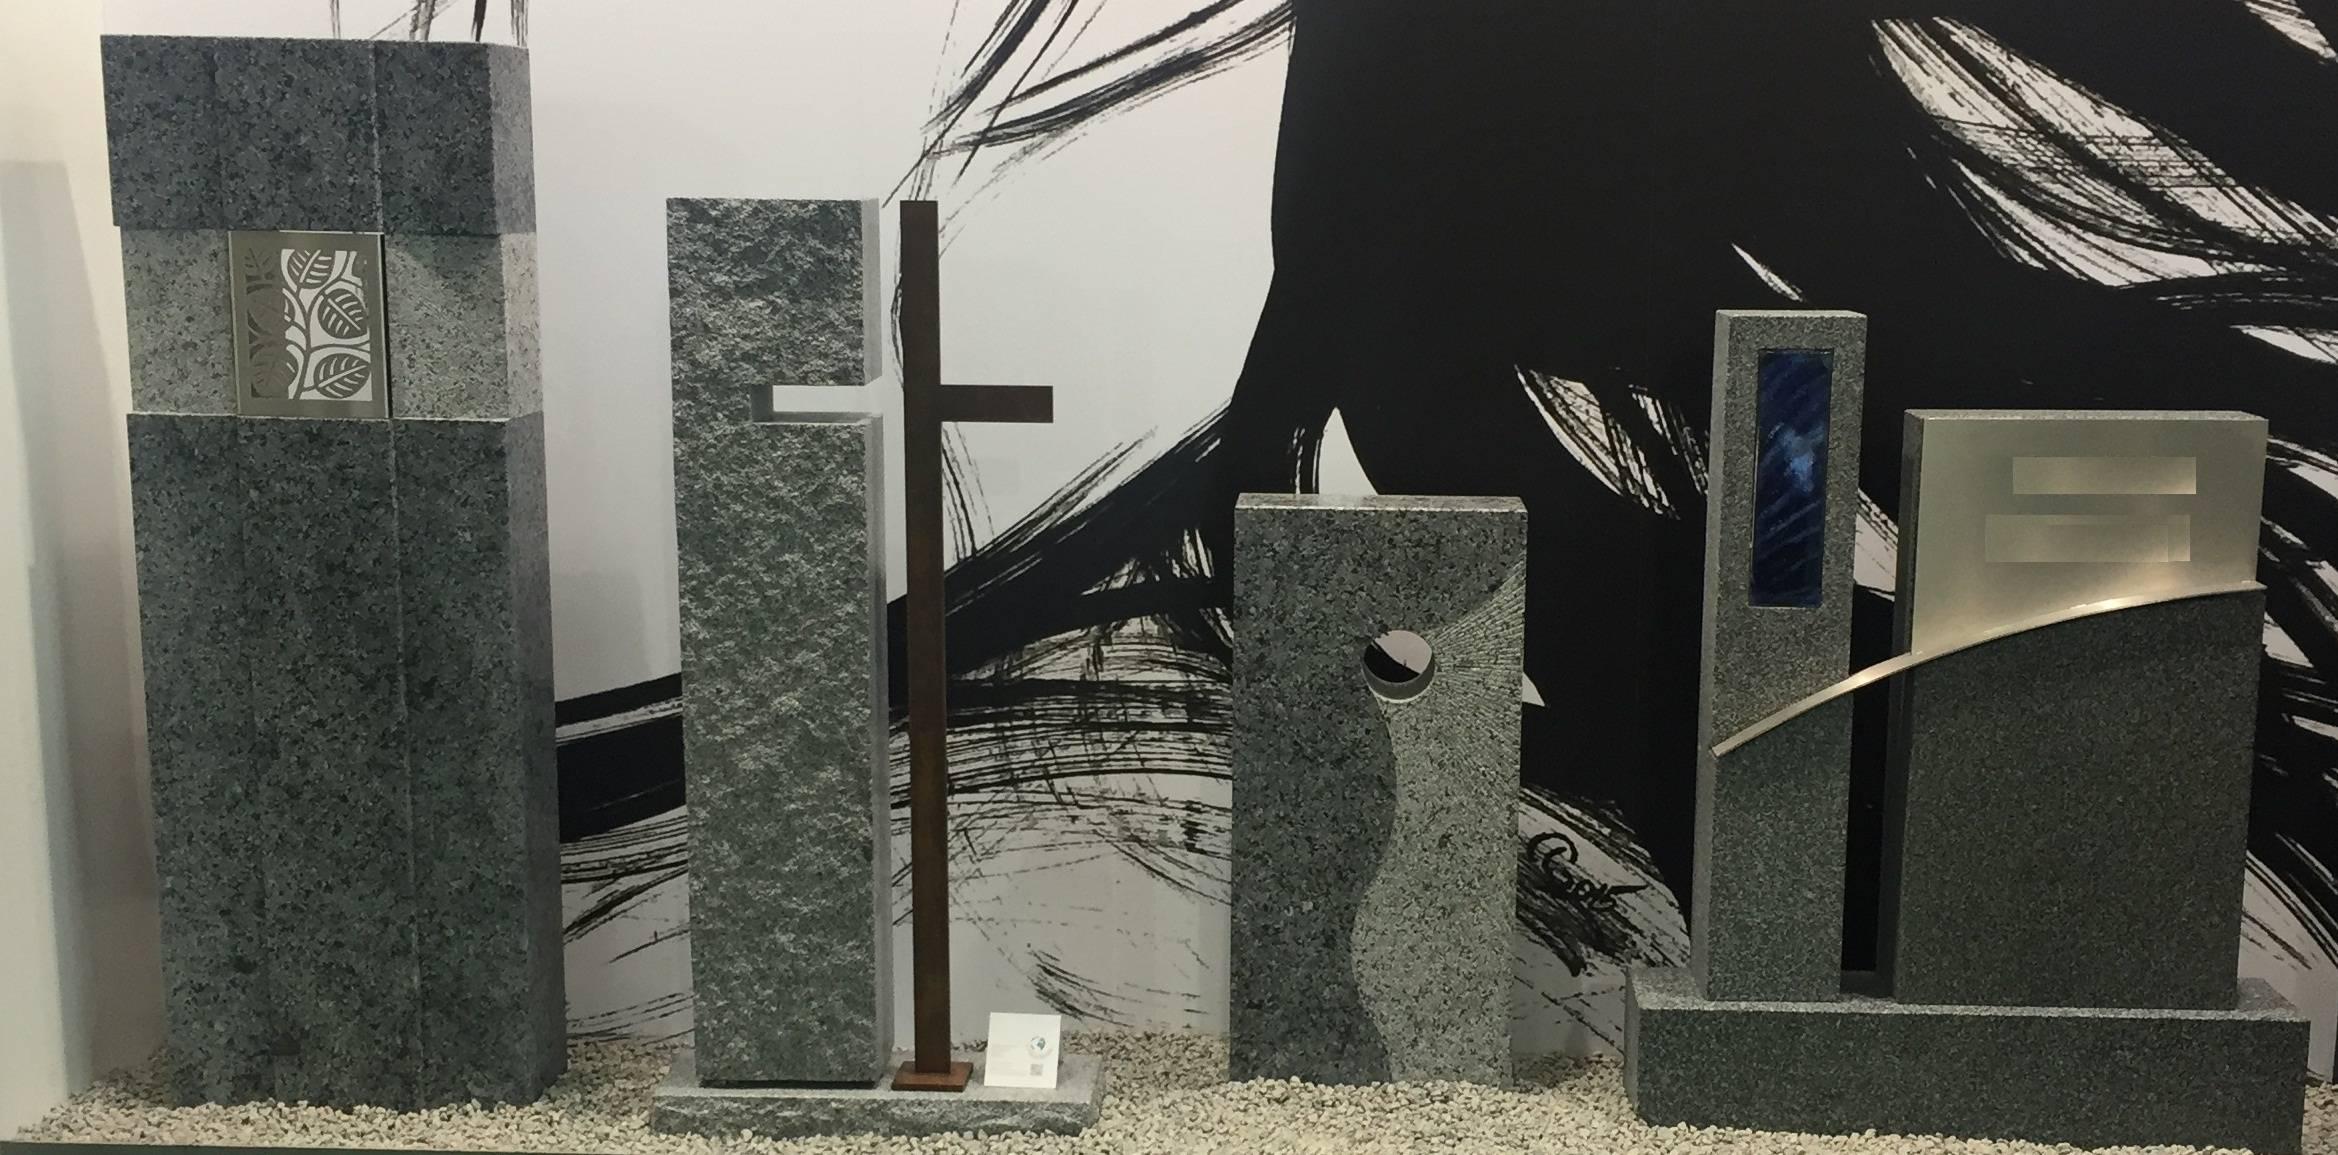 Spomenik-granit-steklo-kovina